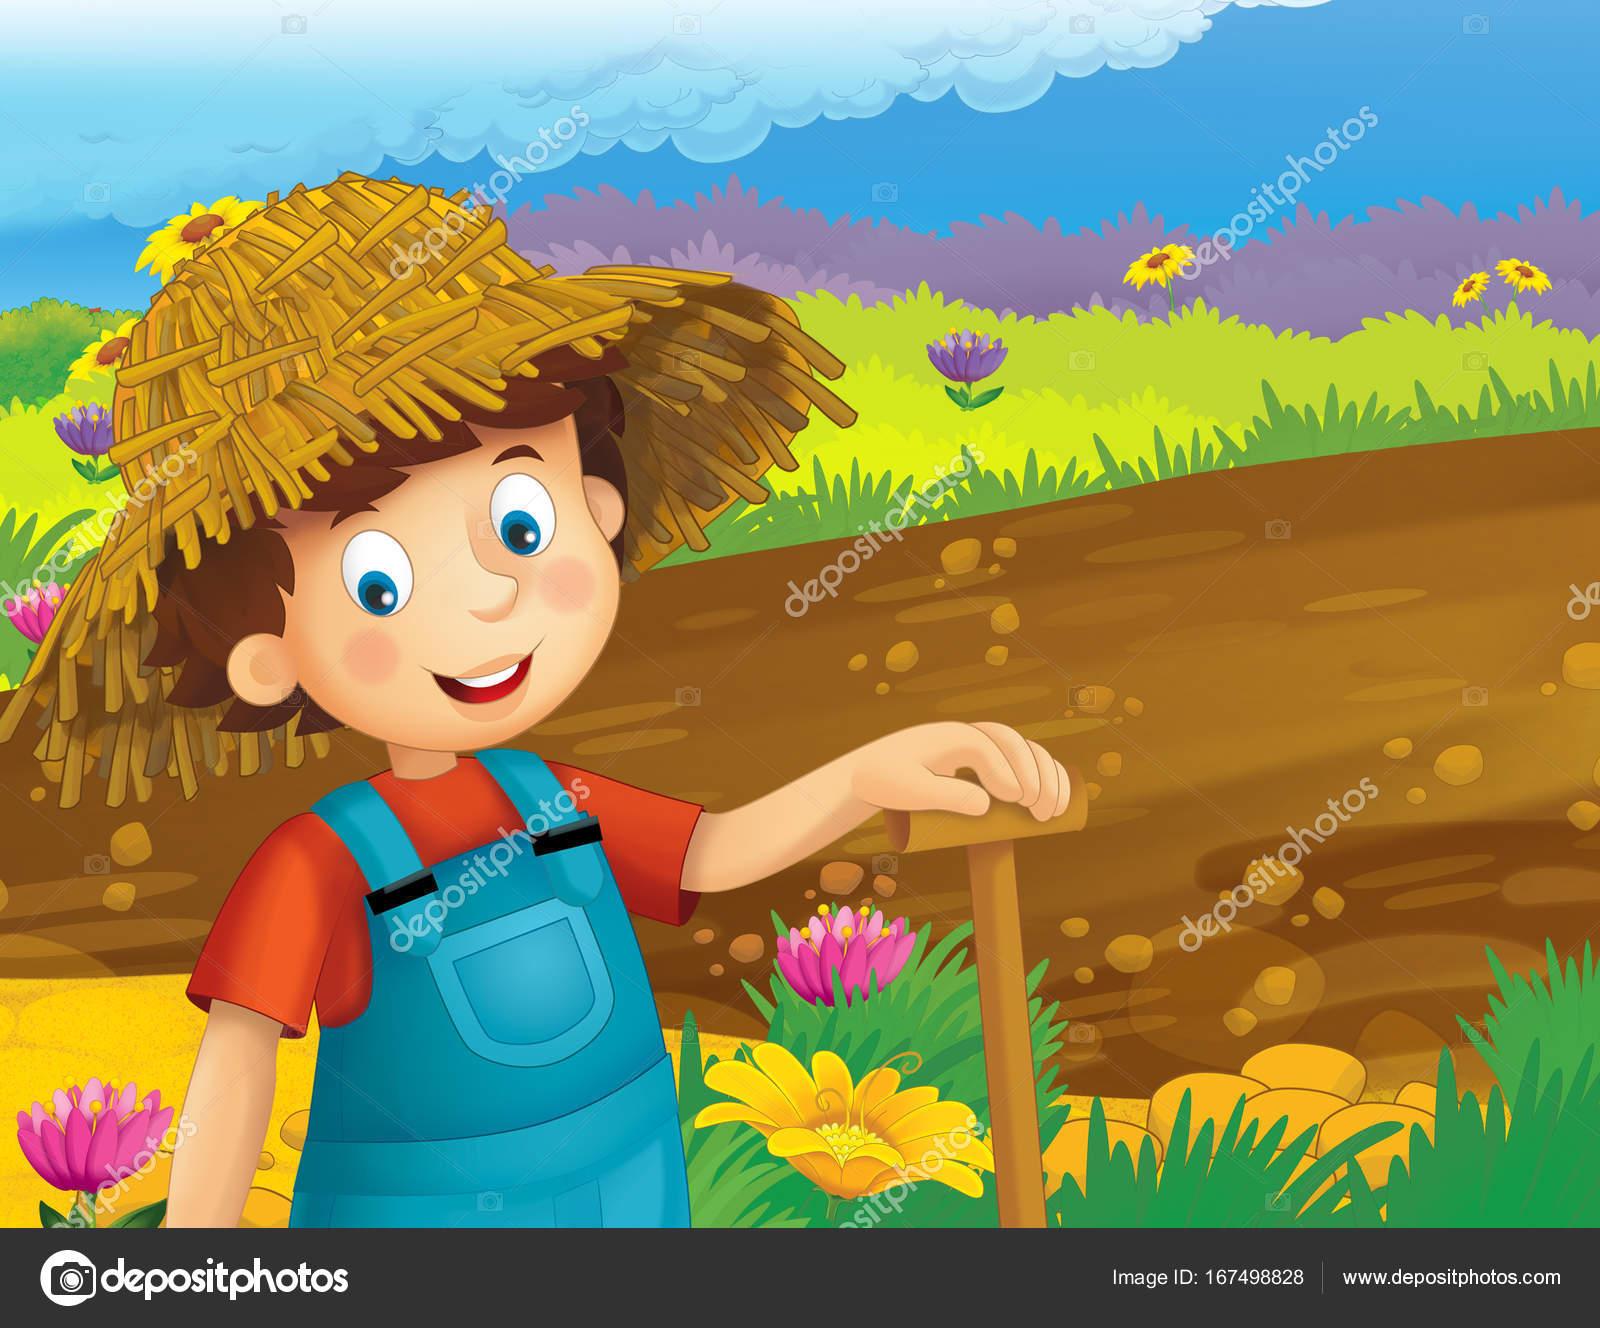 Imagenes Un Nino Trabajando En El Campo Escena Dibujos Animados